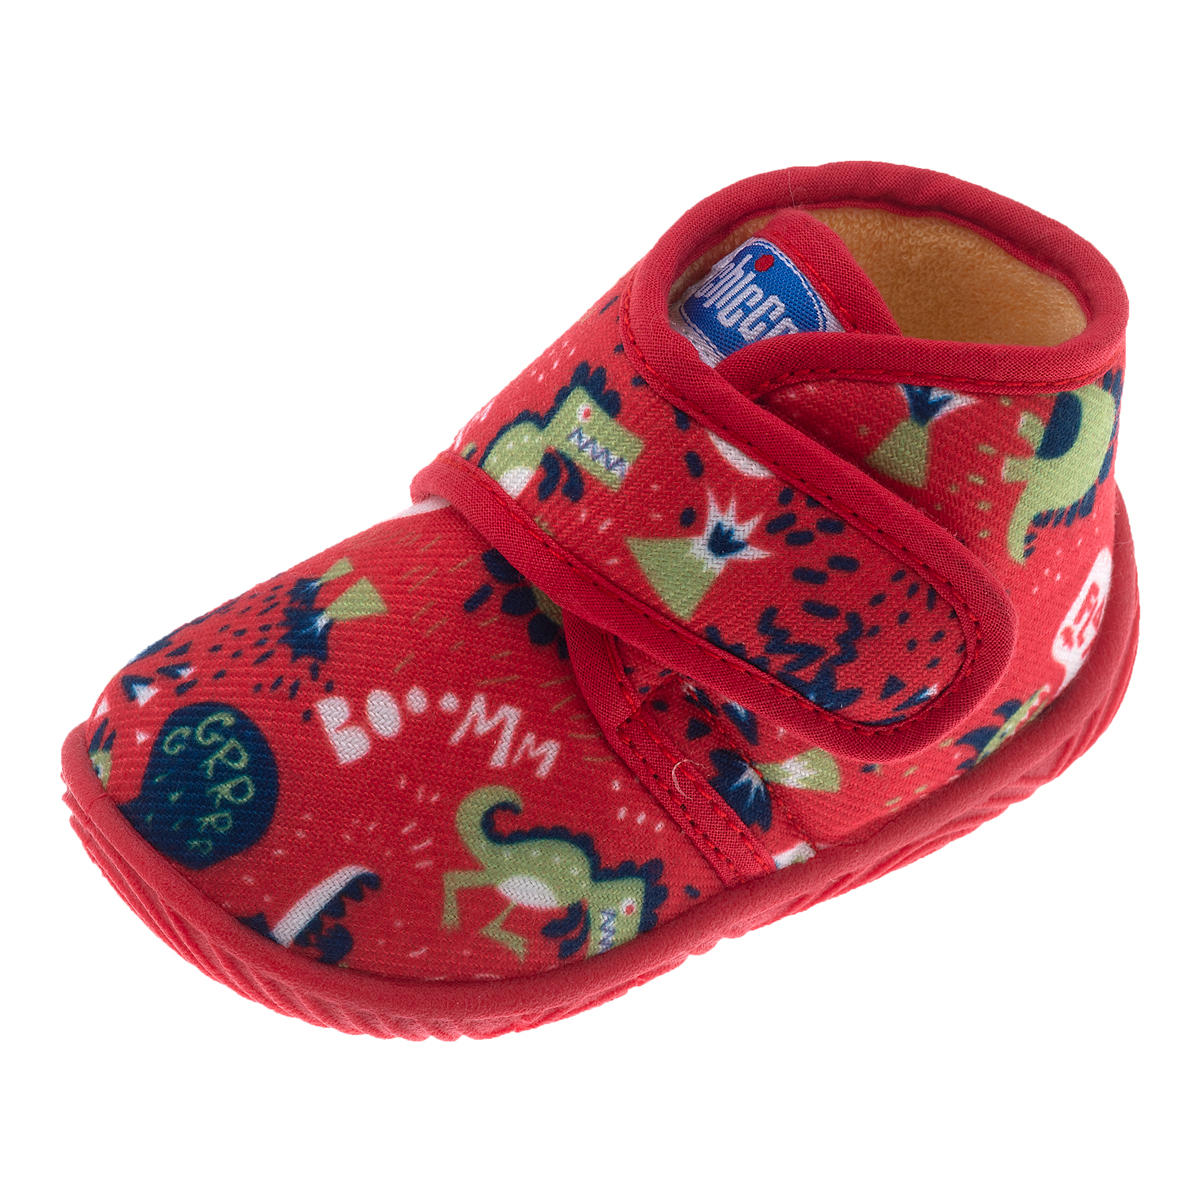 Pantofi de casa Chicco Tamigi, rosu cu model, 60723 din categoria Pantofi de casa